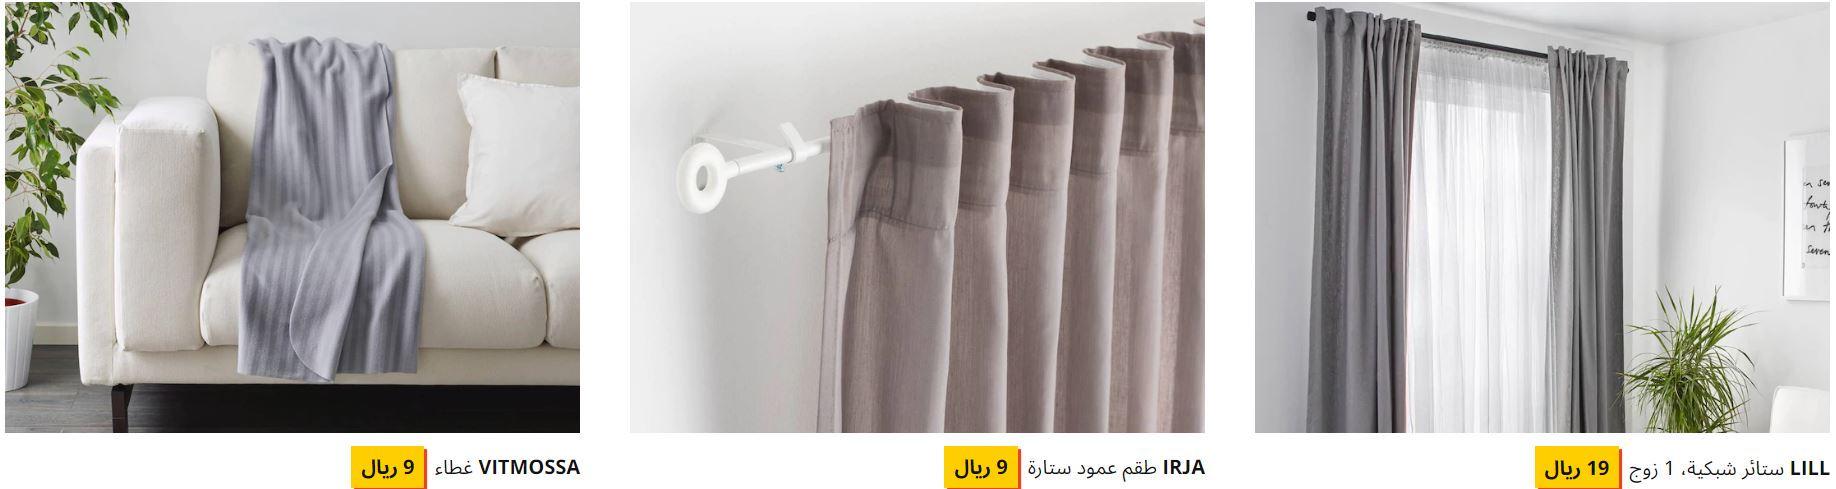 عروض ikea السعودية مستلزمات ديكور